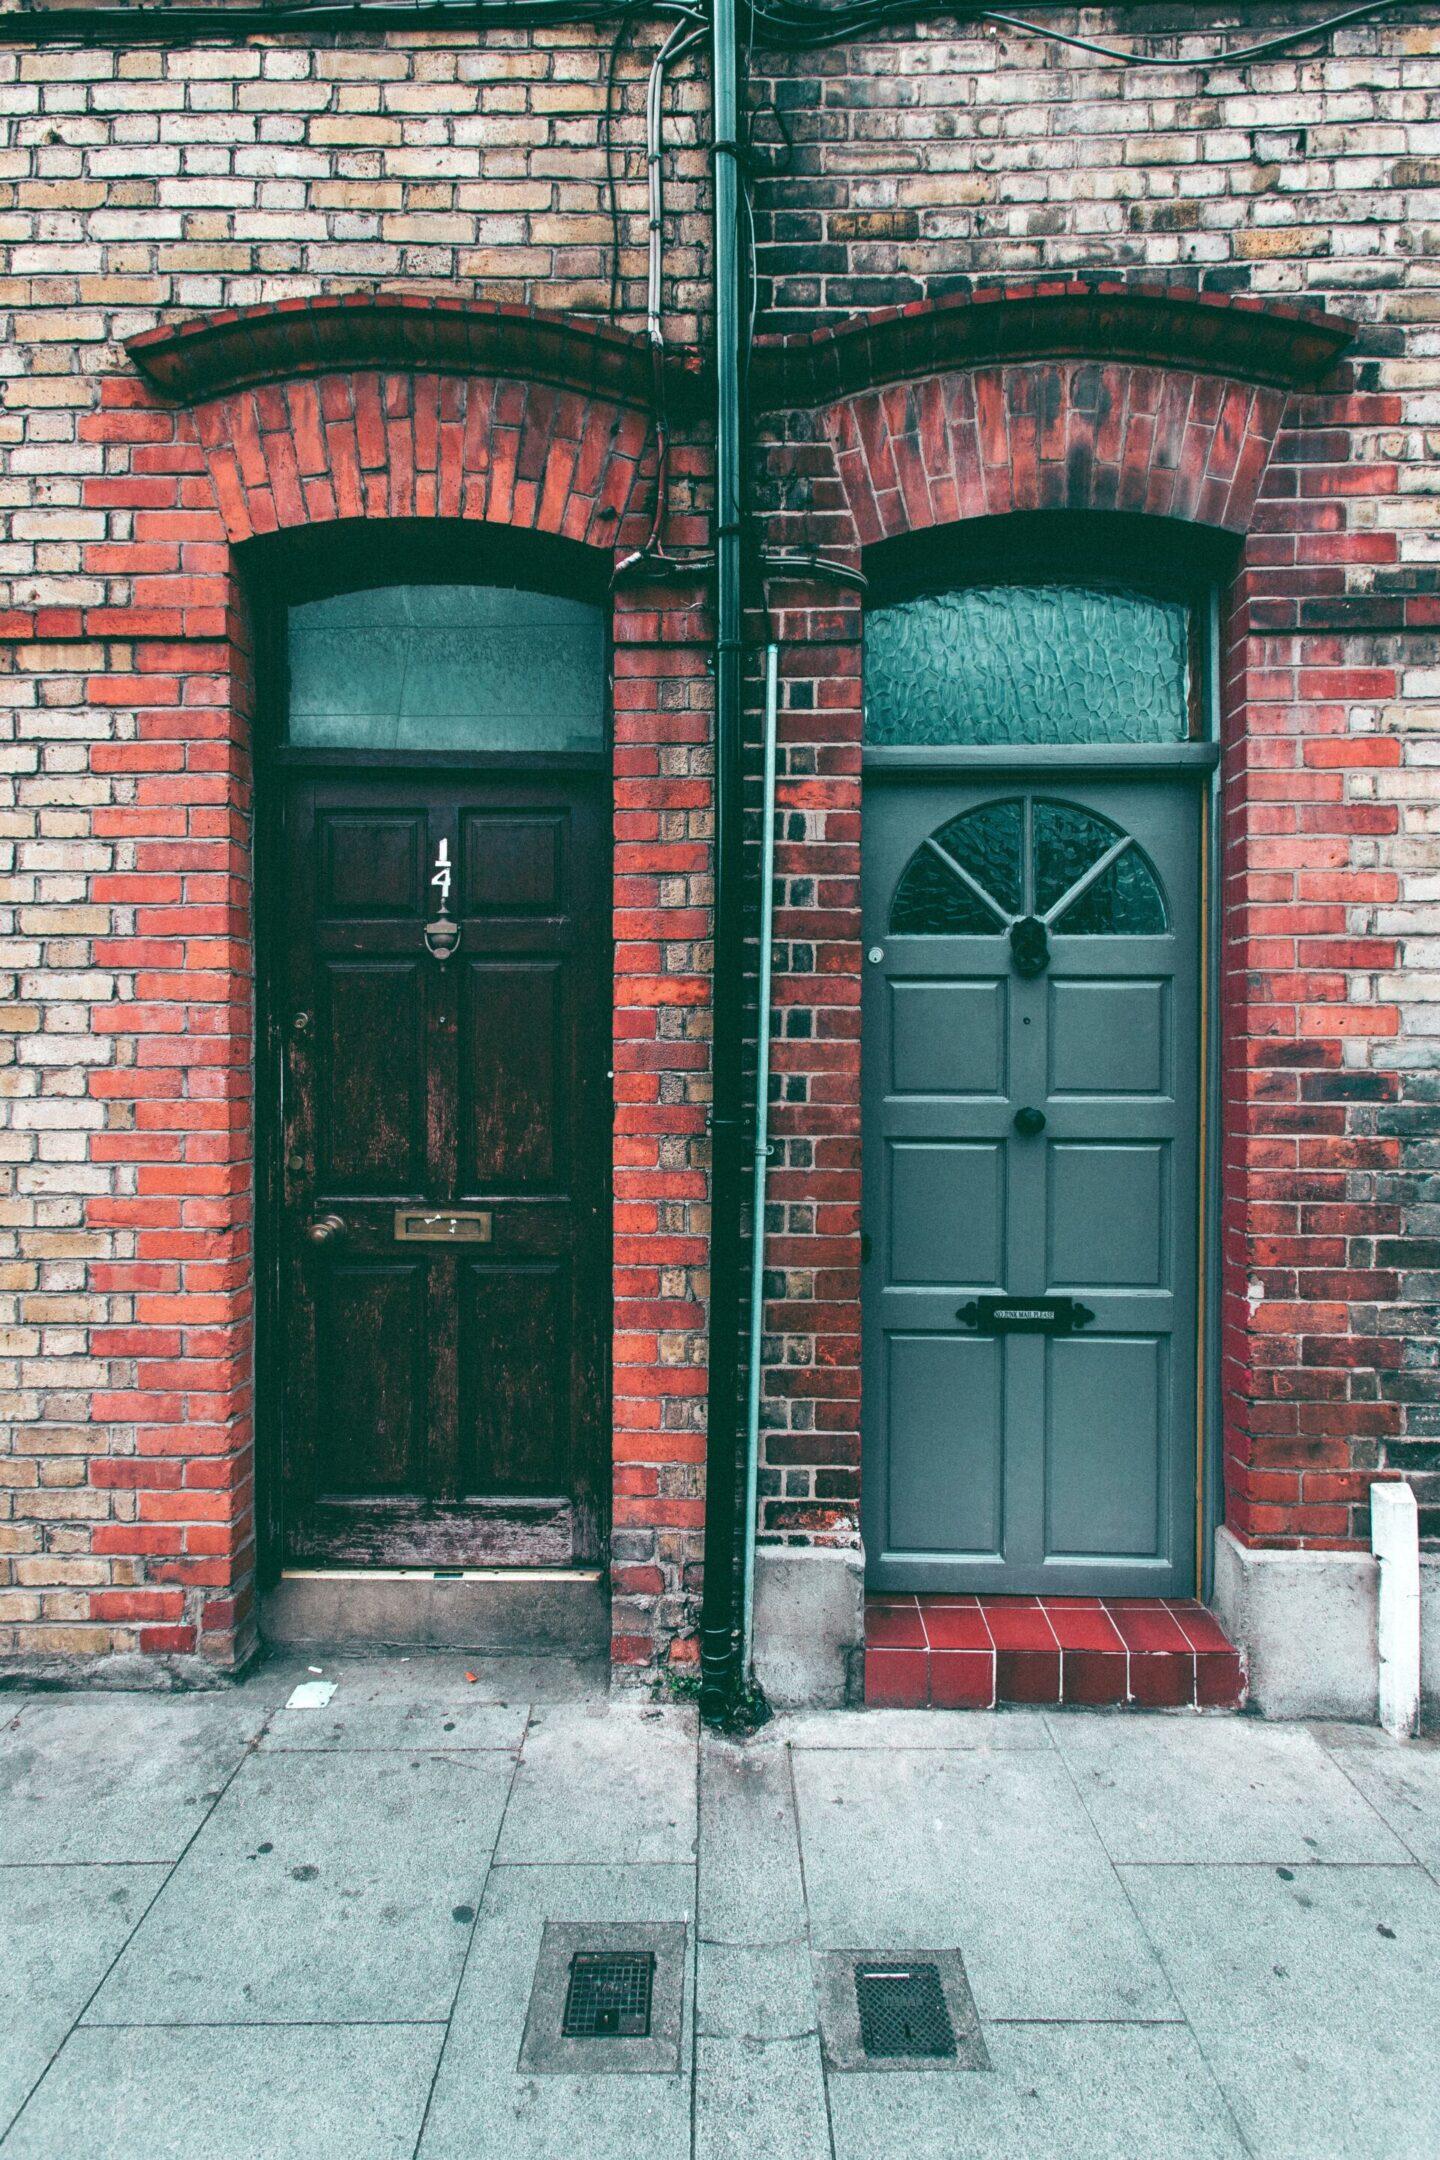 Updating my flat - new door